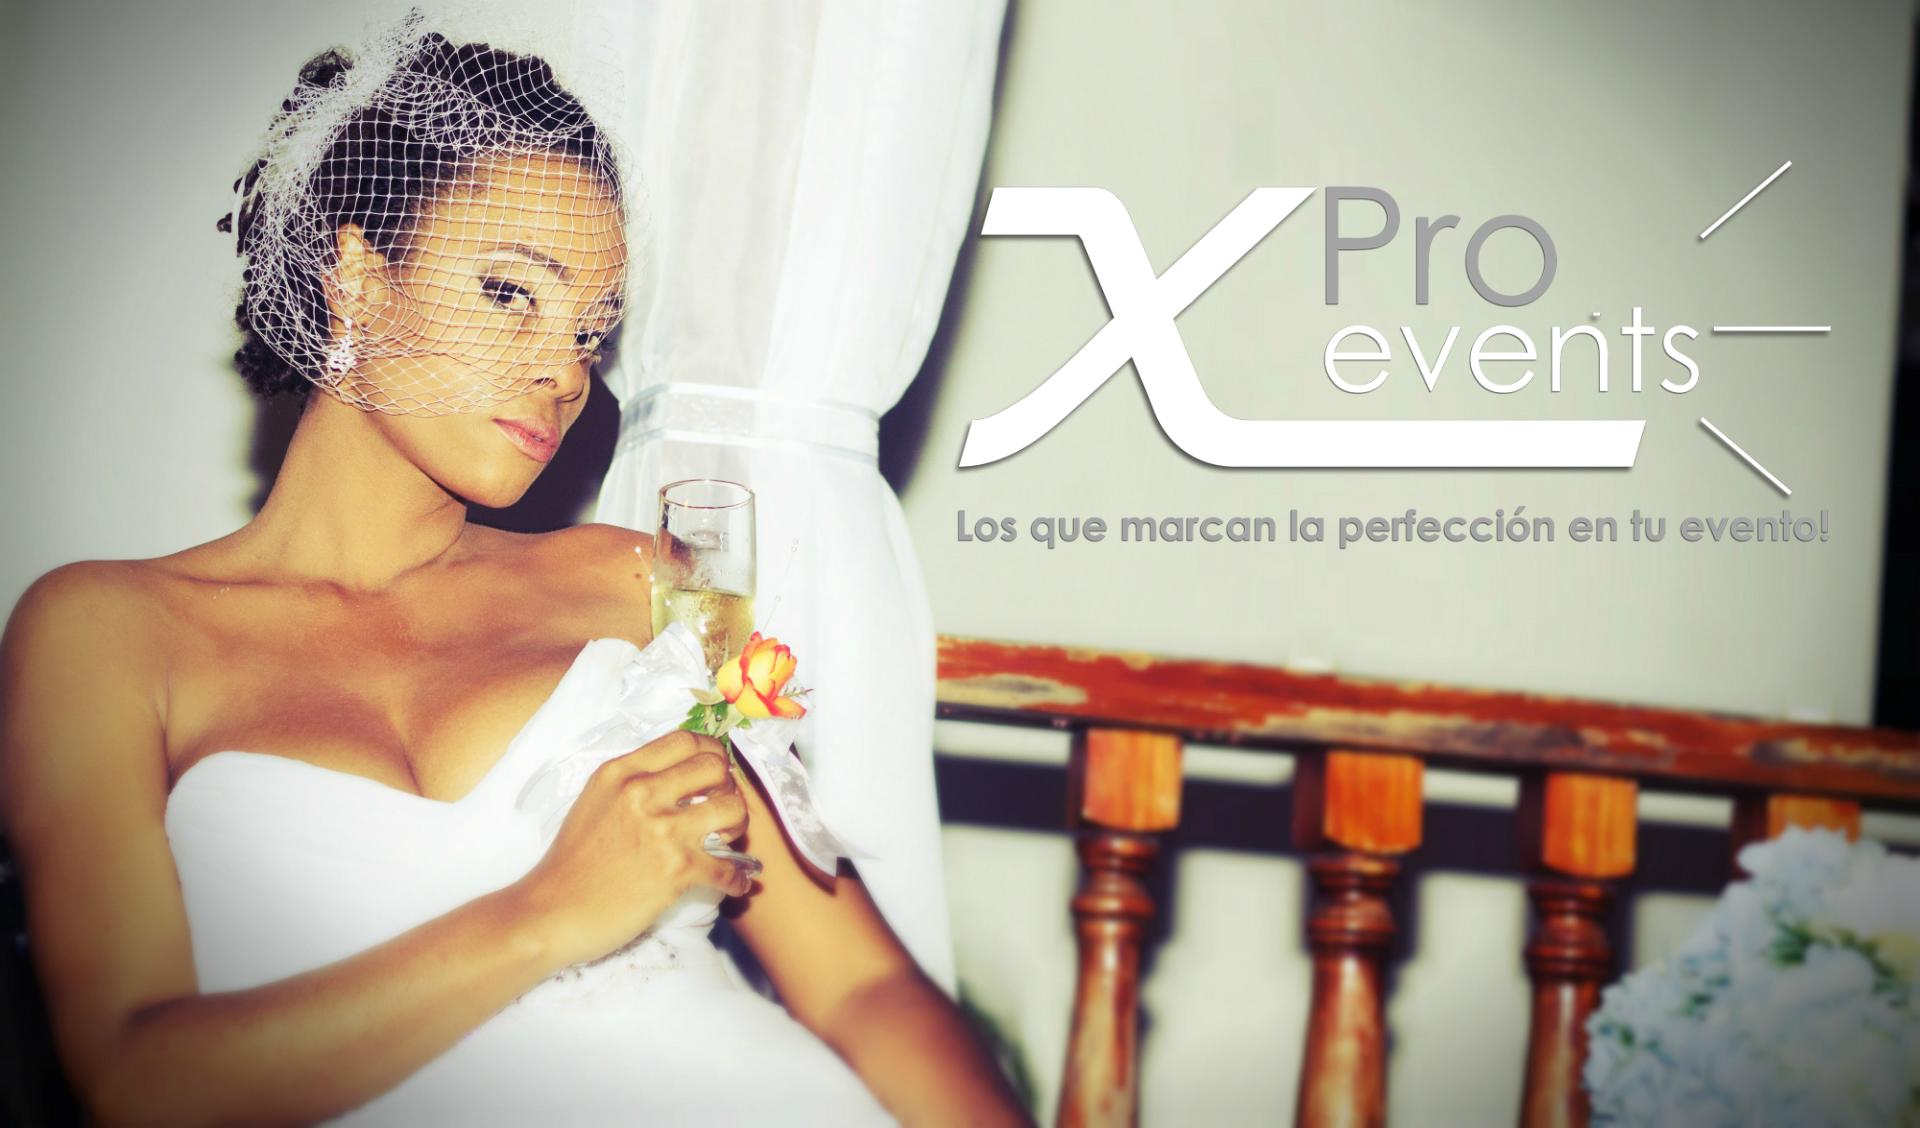 www.Xproevents.com - La mejor opcion para tu boda.jpg